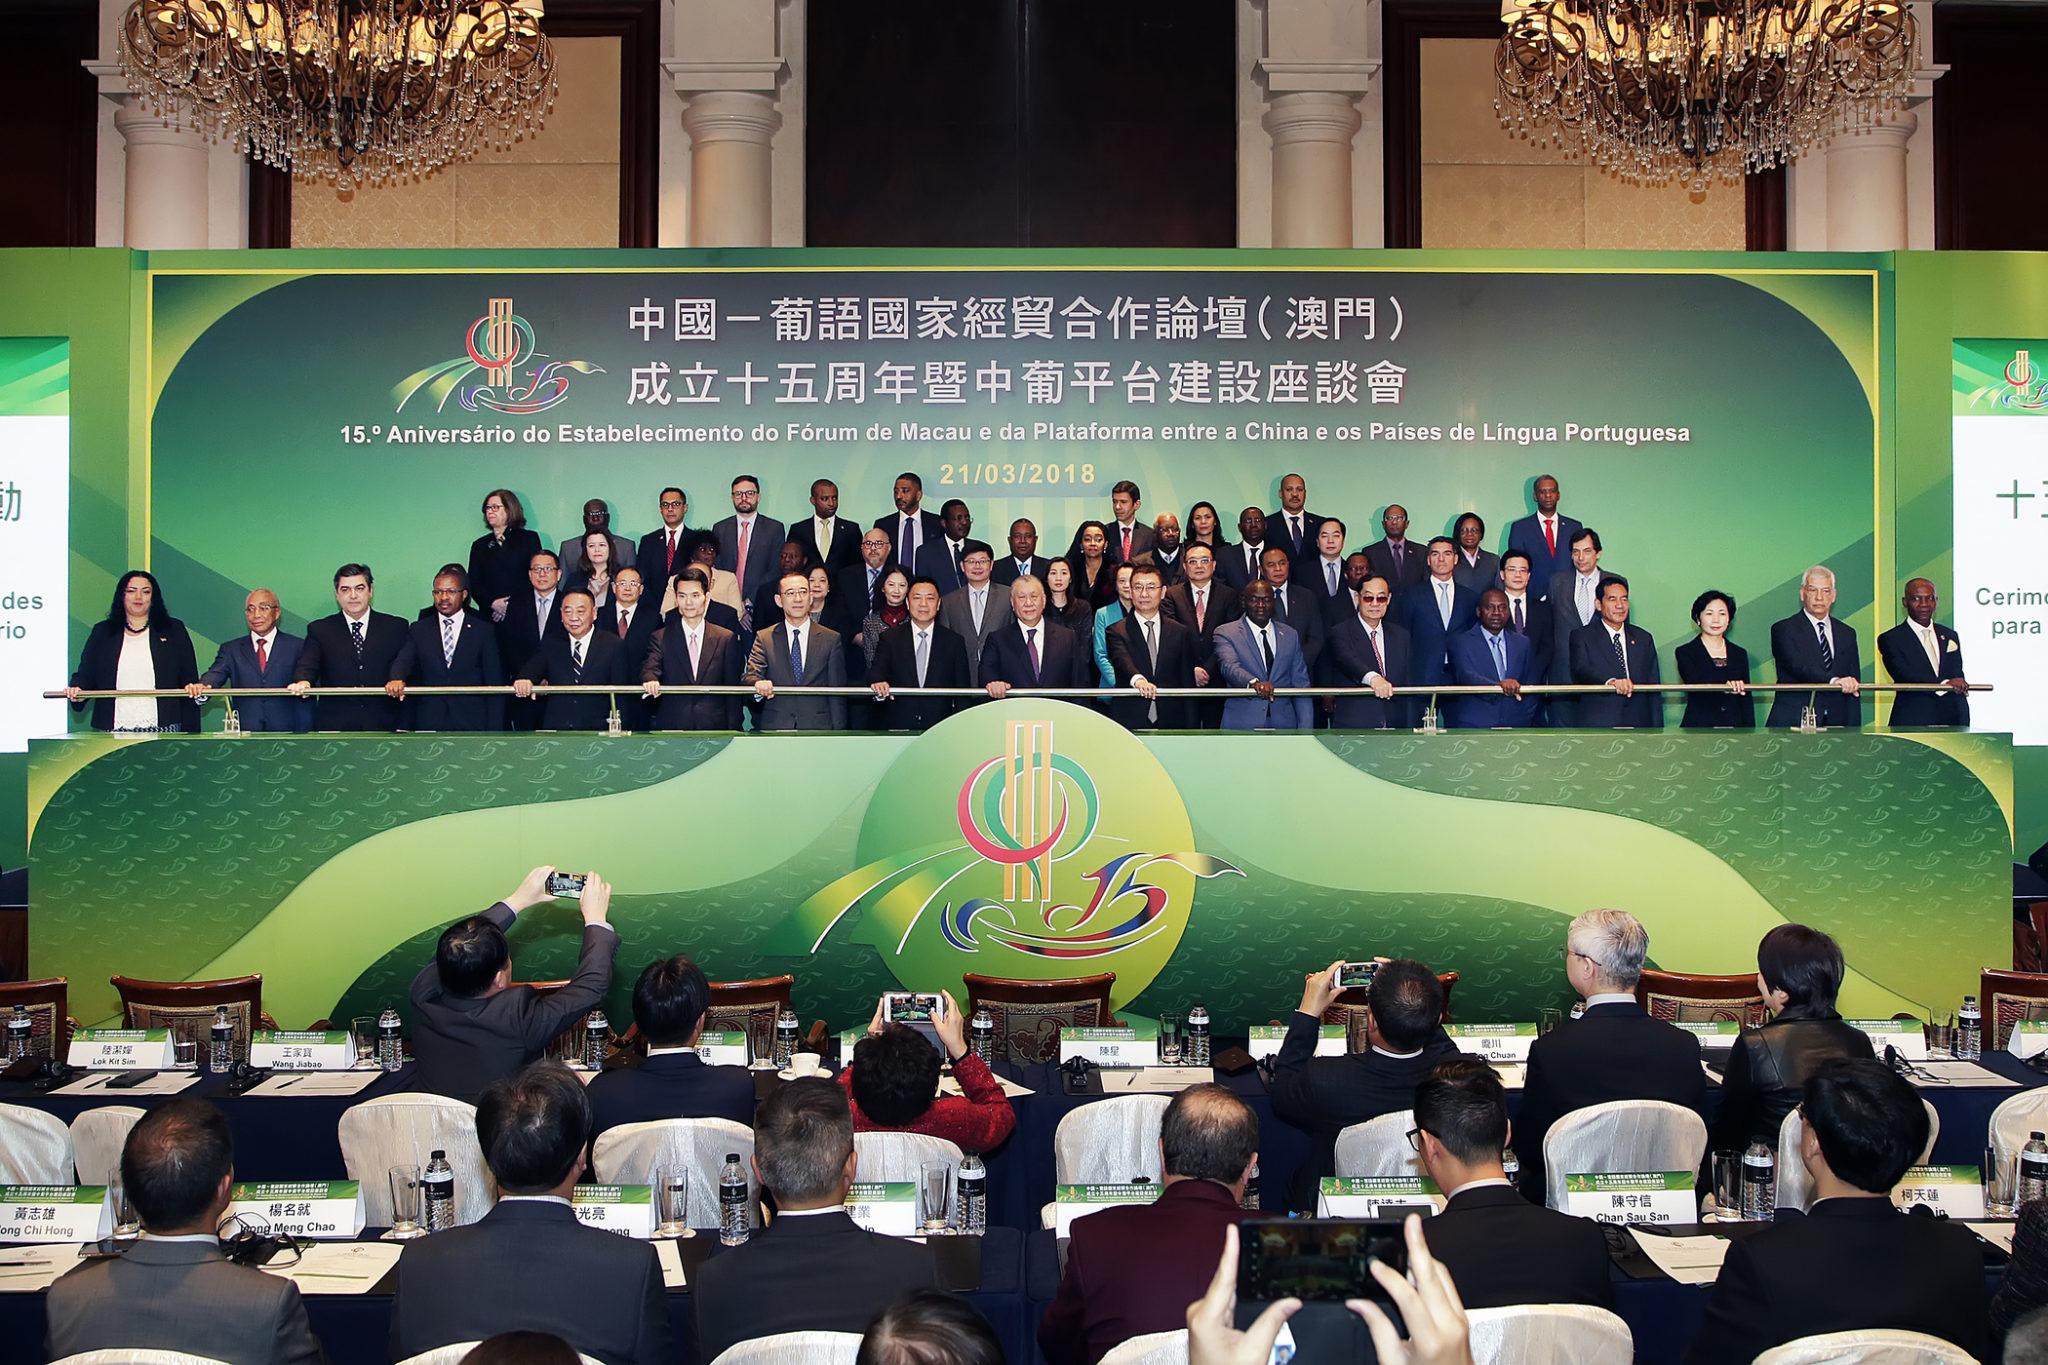 Secretária-geral do Fórum de Macau cessa funções e regressa a Pequim